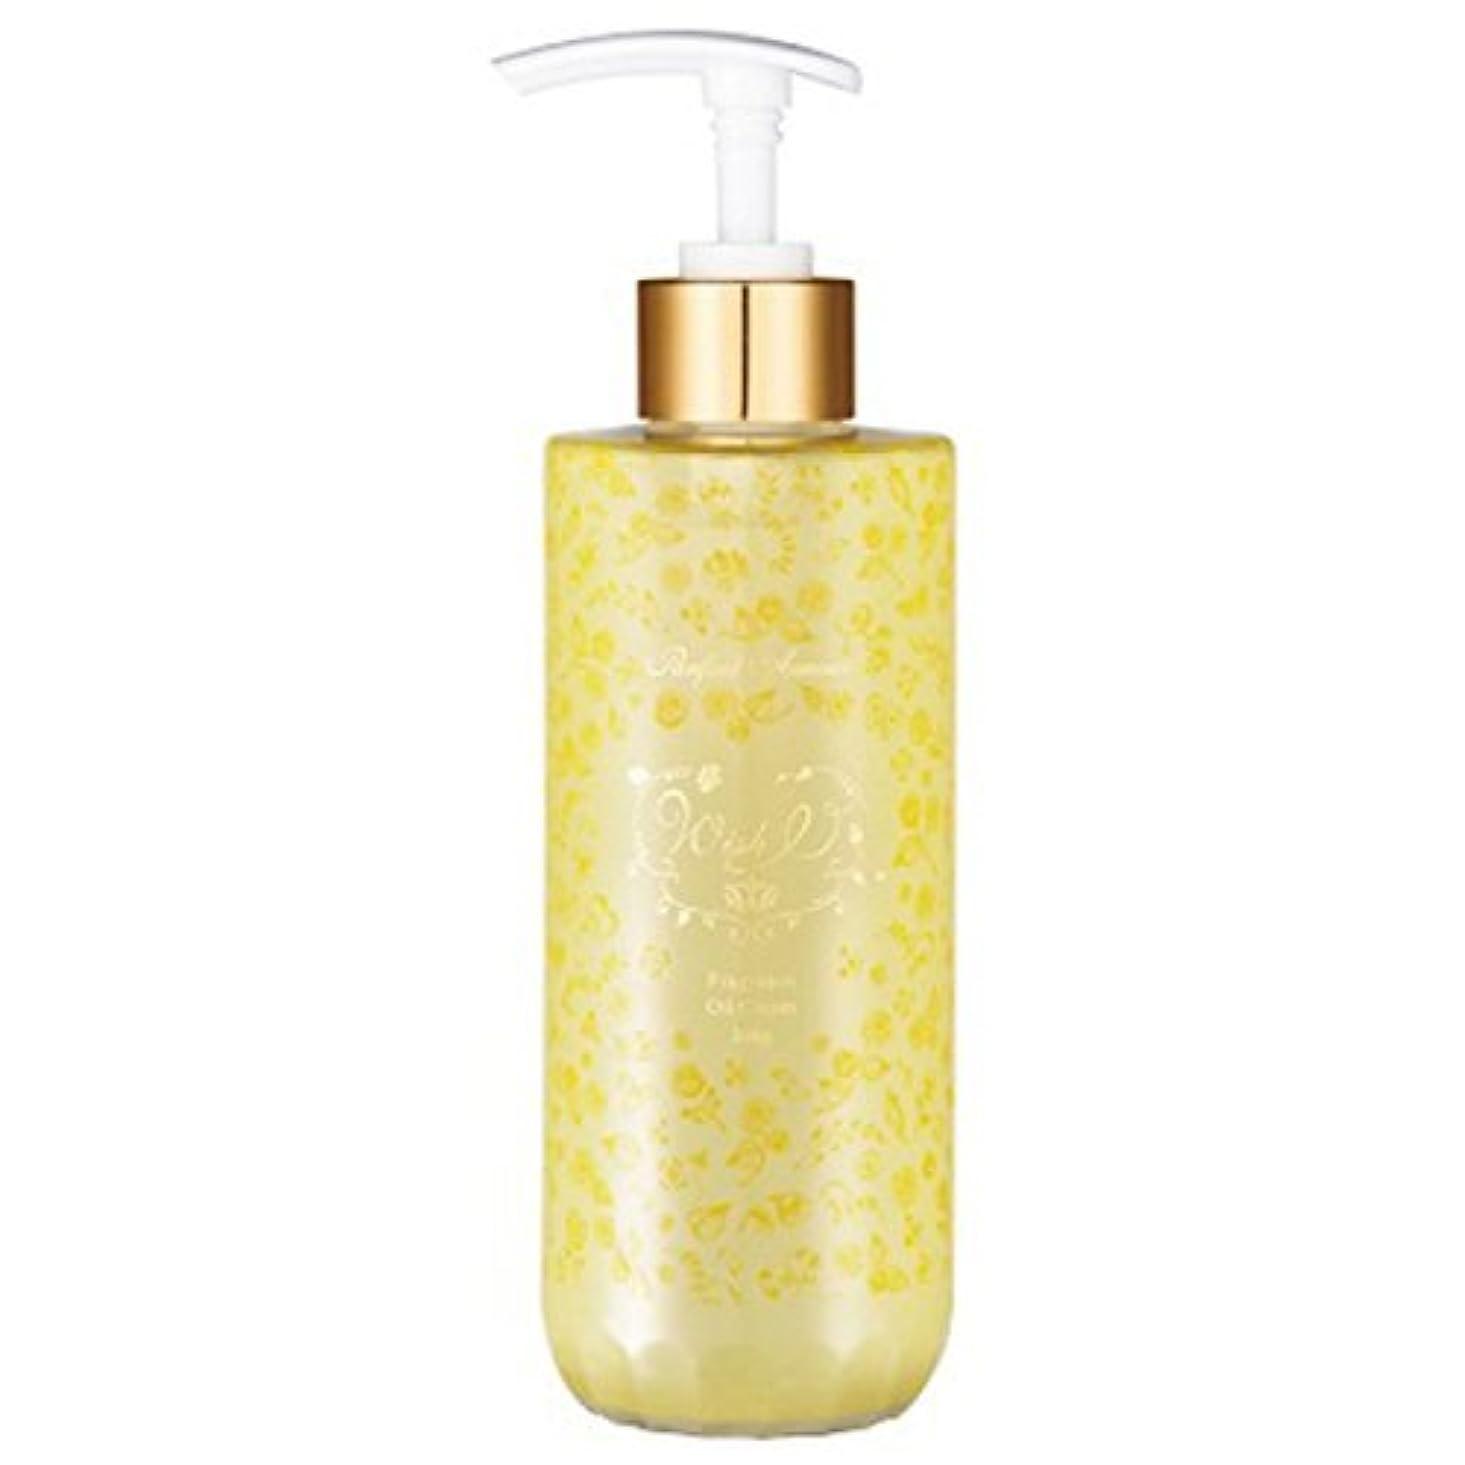 湿度アストロラーベ虹パルフェタムール ウィッシュアイ フレグランスオイルクリーム 愛しさあふれるダマスクローズの香り 300g